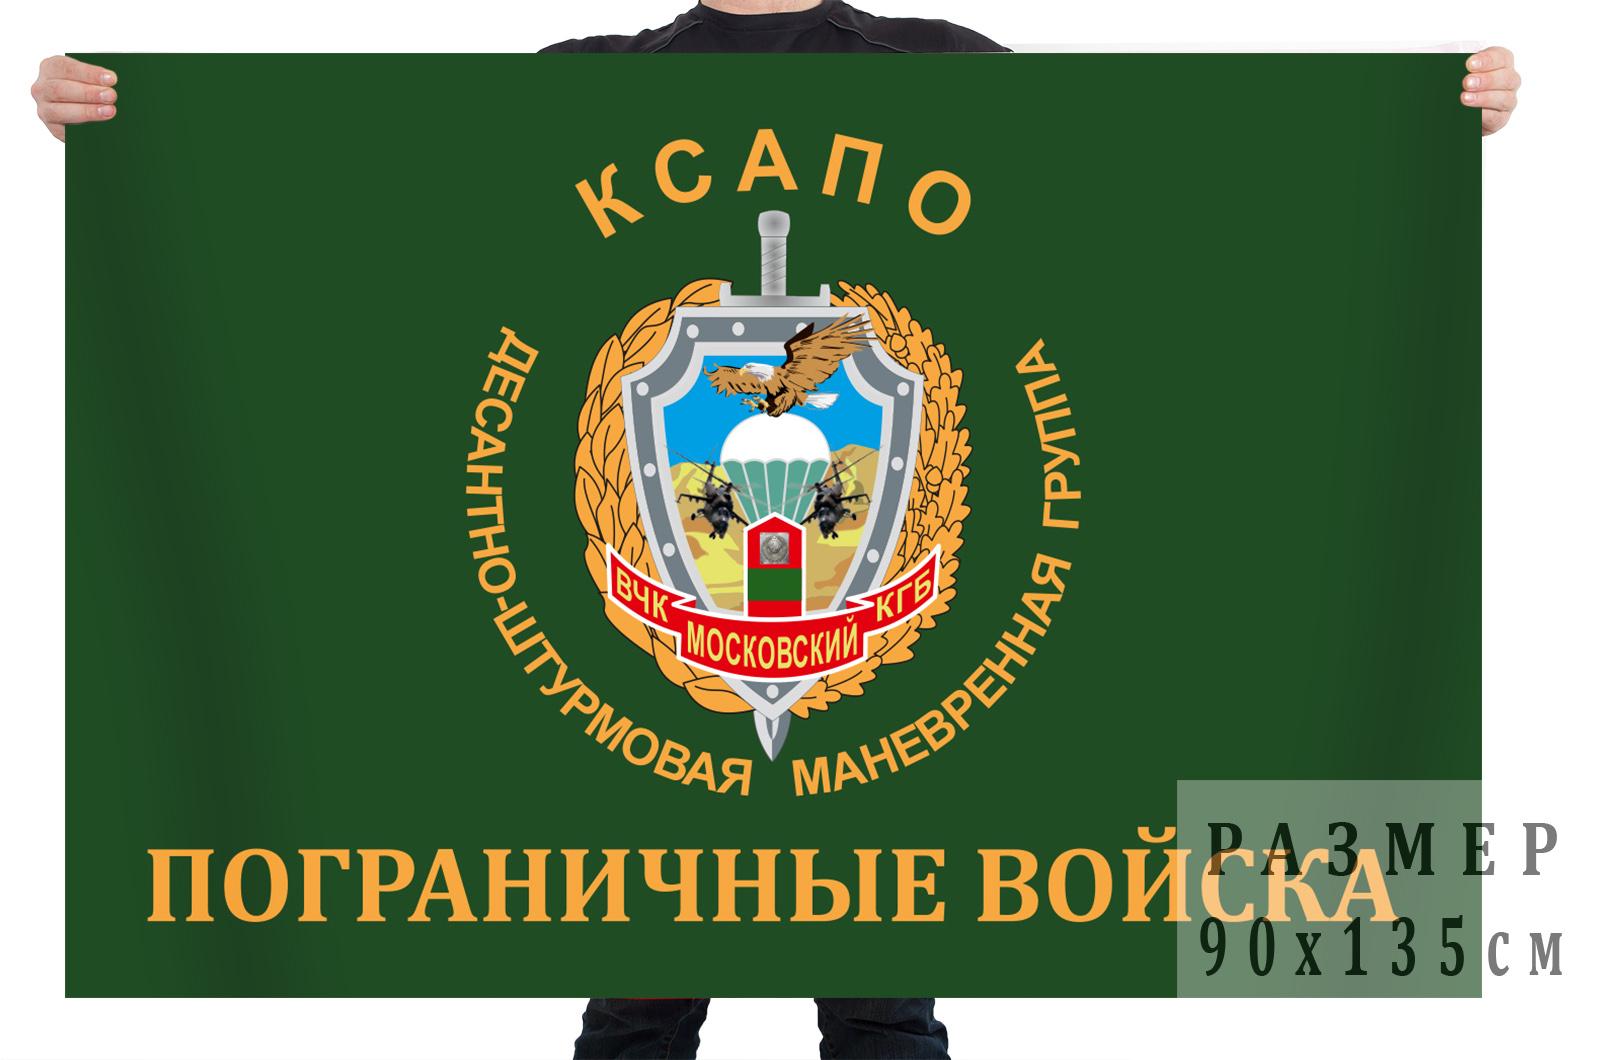 Флаг десантно-штурмовой маневренной группы погранвойск